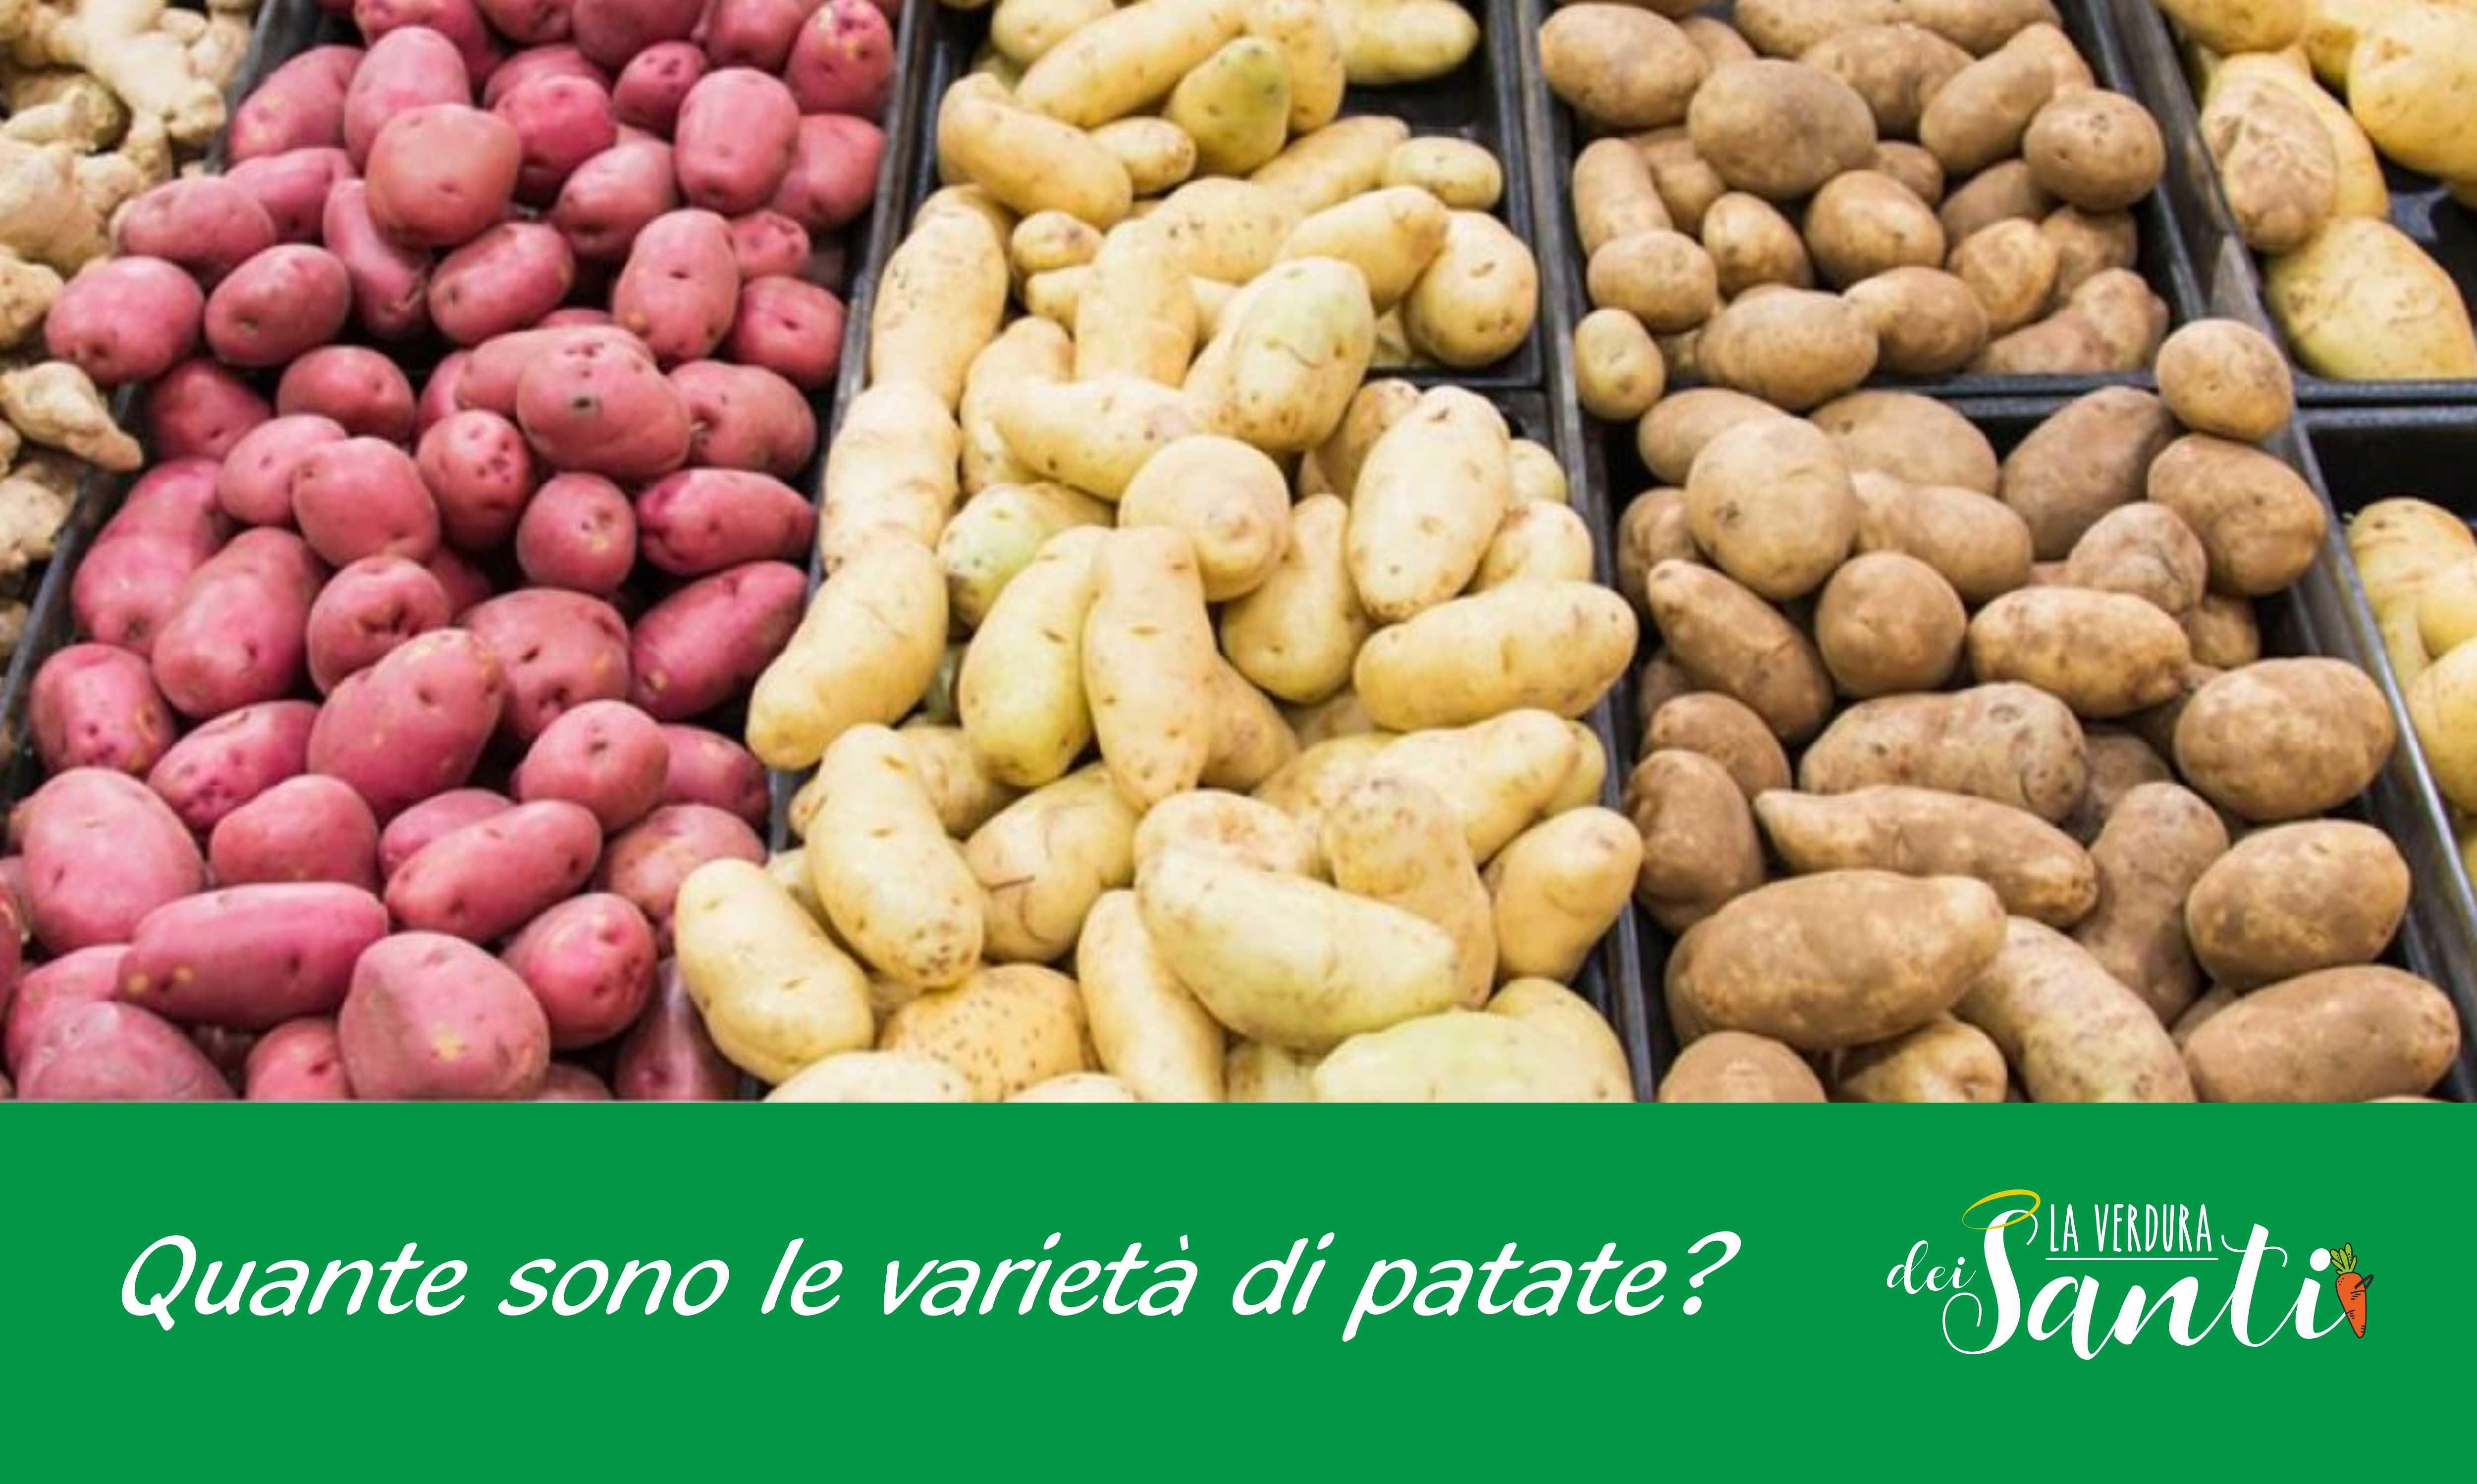 Tipi di patate: quali esistono e quali scegliere.